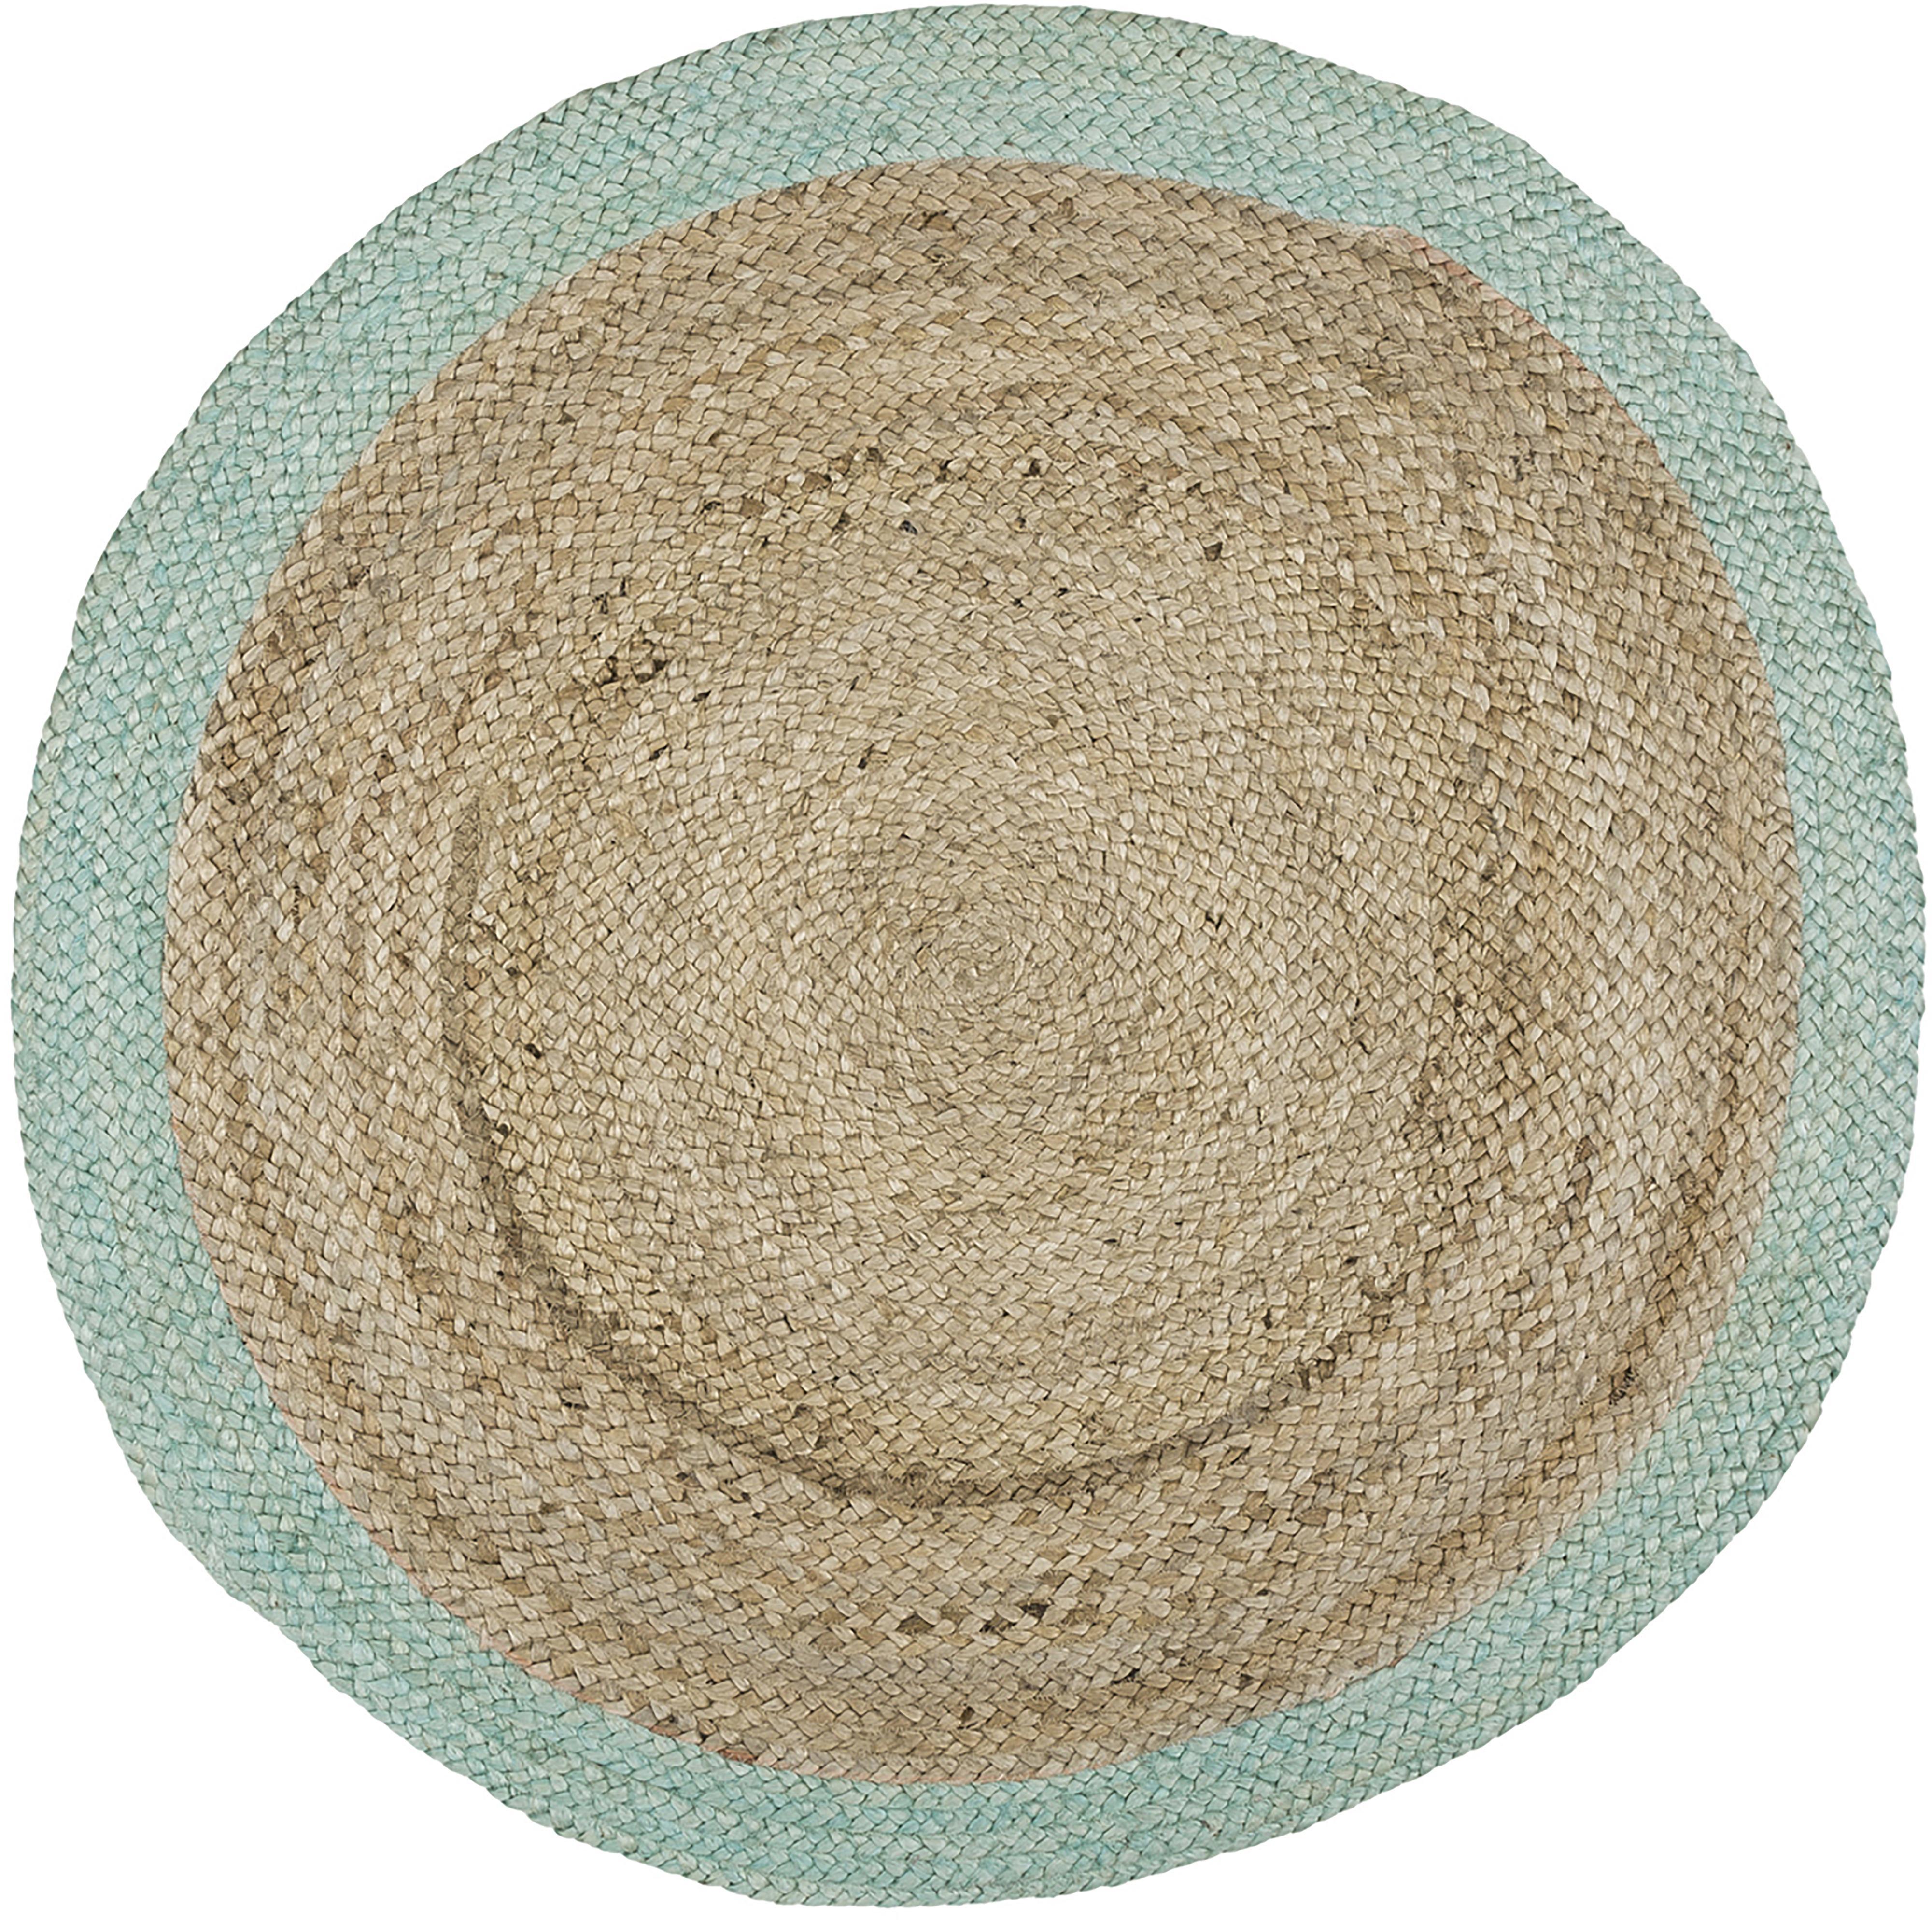 Okrągły ręcznie tkany dywan z juty Shanta, Juta, zielony miętowy, Ø 100 cm (Rozmiar XS)